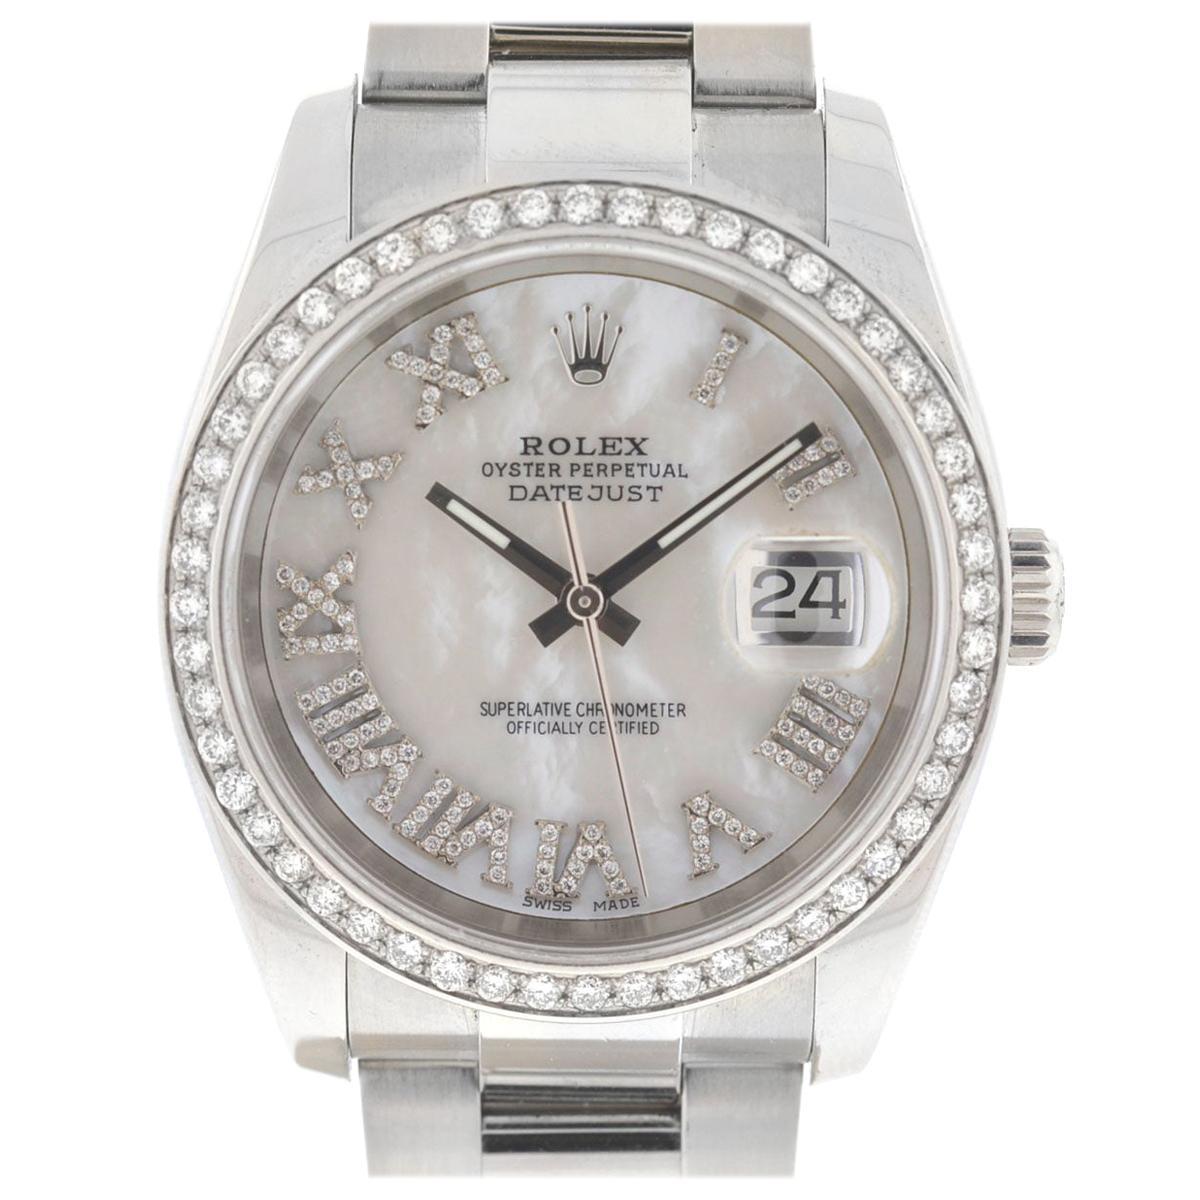 Rolex 116200 Datejust MOP Diamond Dial Diamond Bezel Stainless Steel Watch